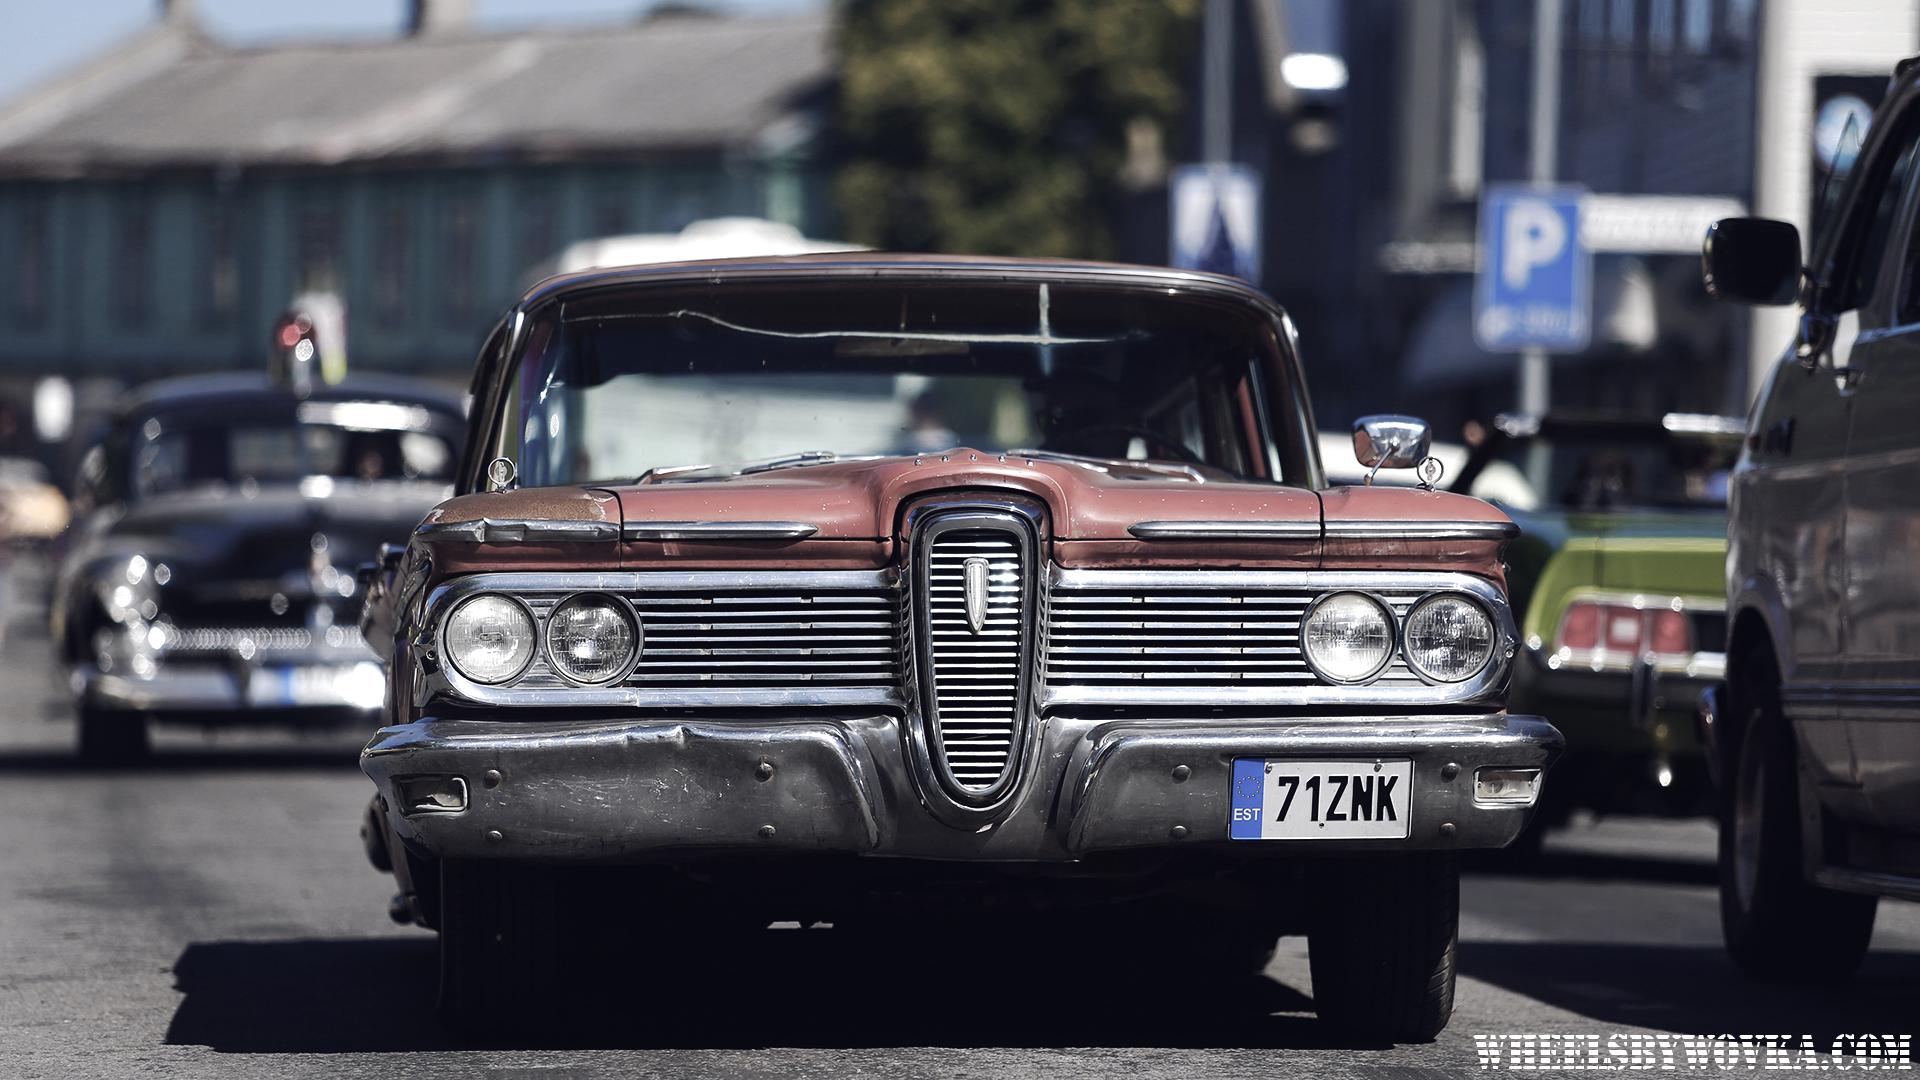 american-beauty-car-show-haapsalu-2017-by-wheelsbywovka-2